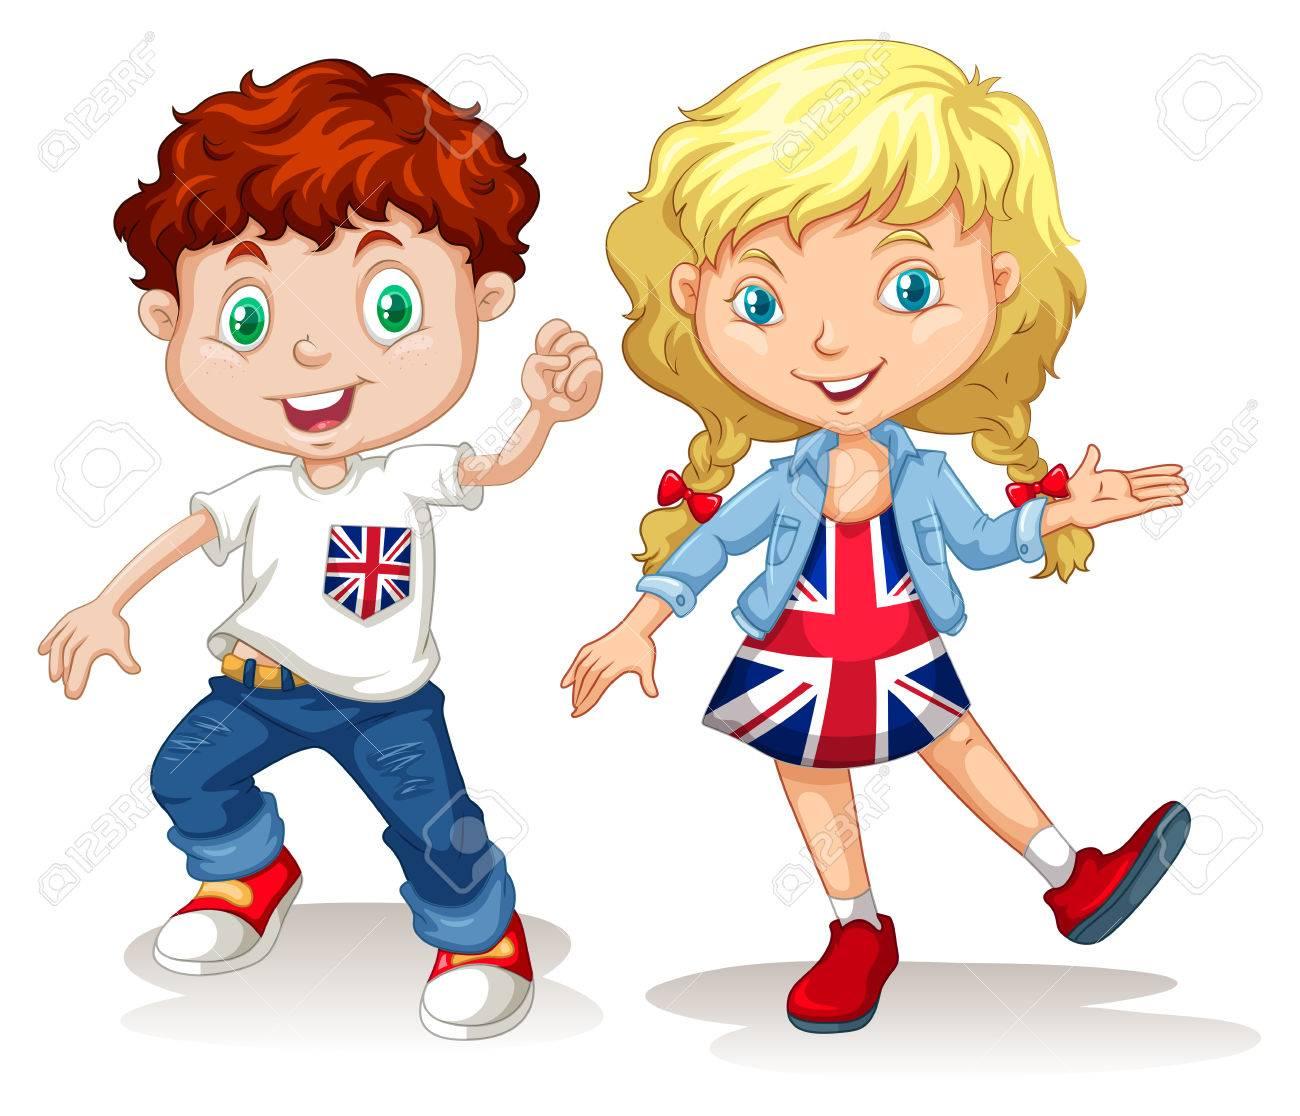 イギリスの男の子と女の子のイラストの笑顔のイラスト素材ベクタ